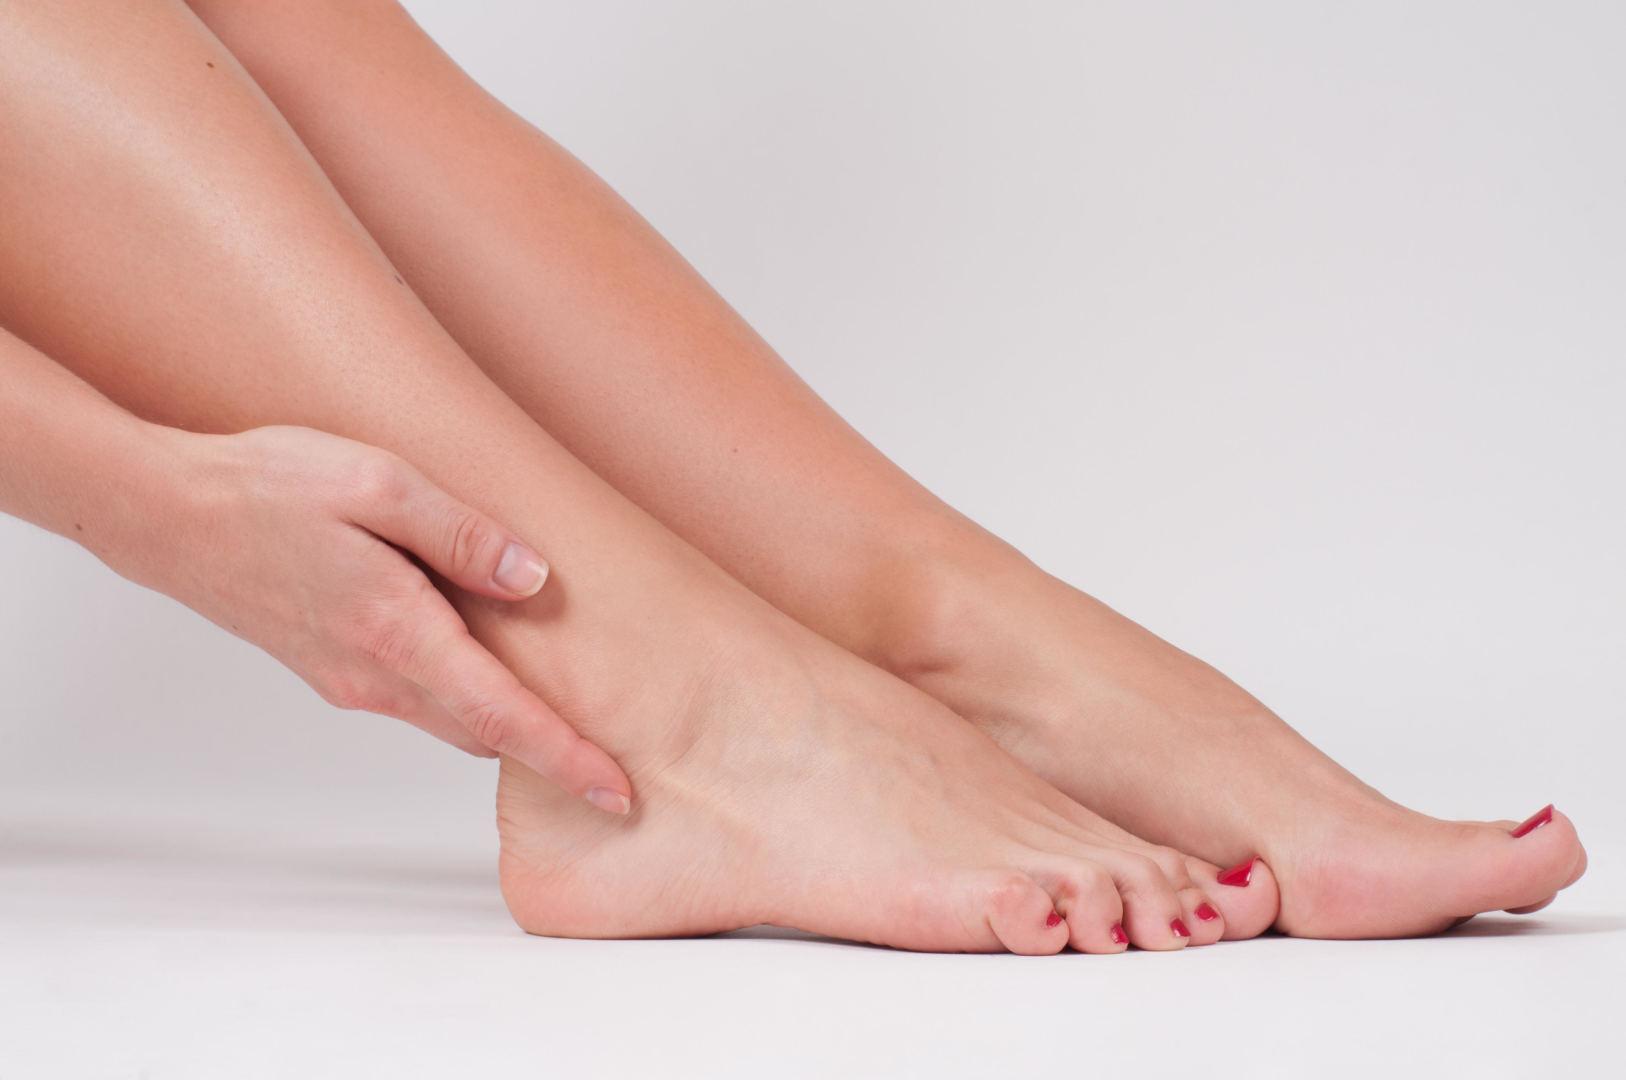 uždegimas pėdos tight batai sąnarių